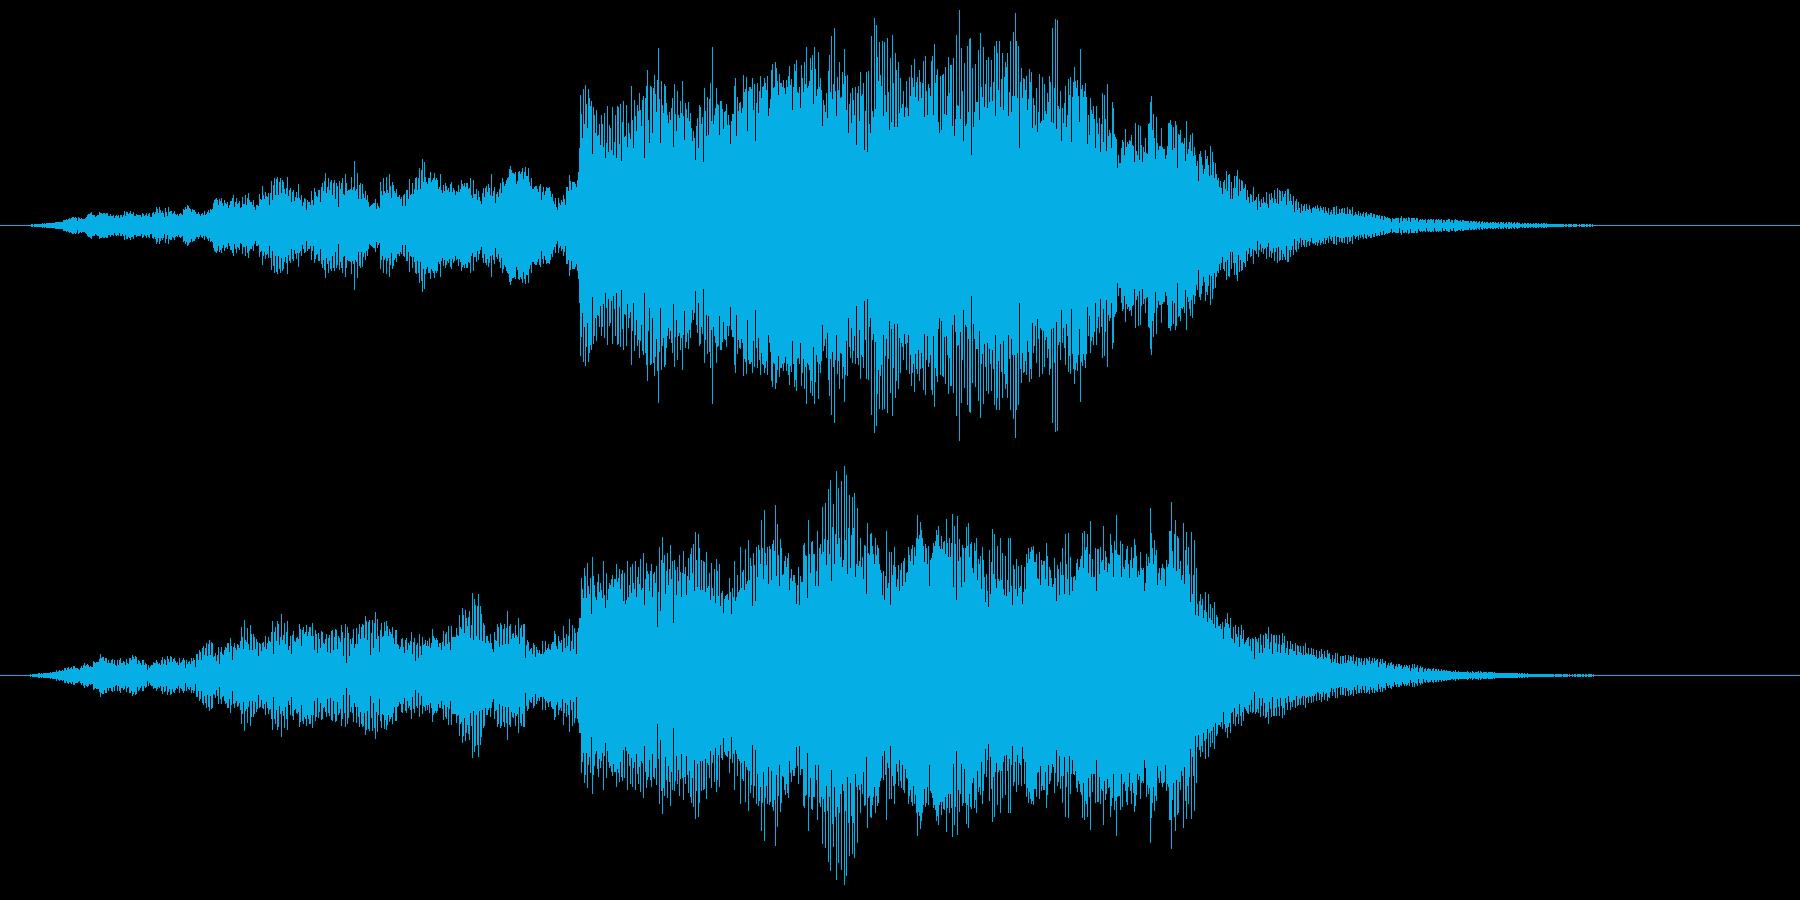 幻想的で広がりのあるサウンドロゴの再生済みの波形